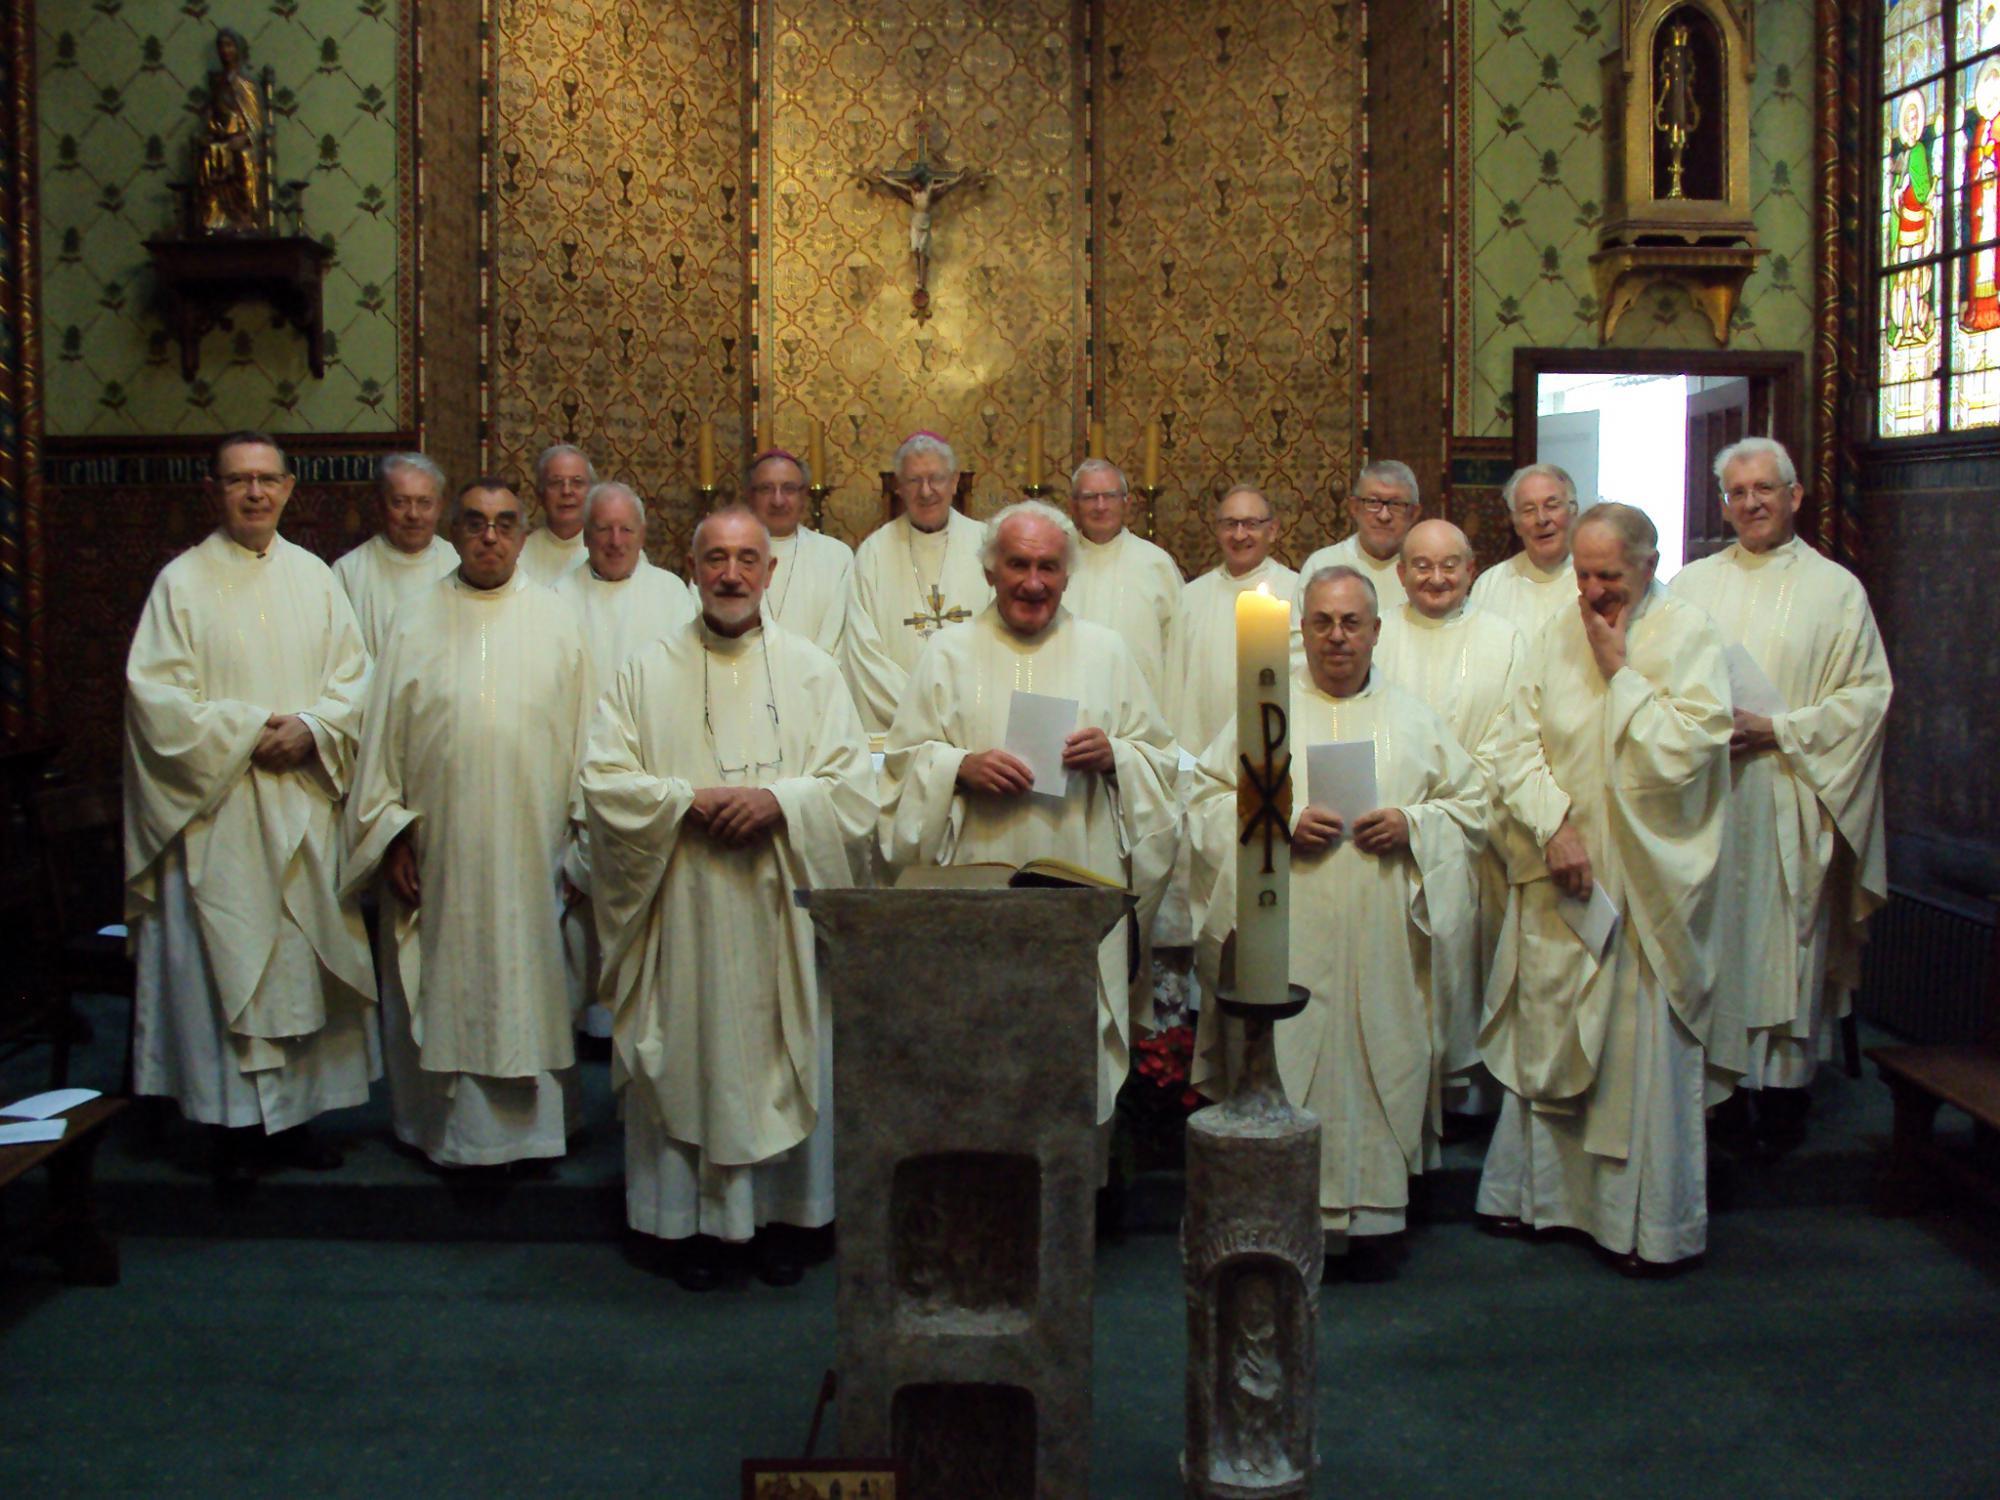 Jubilerende priesters, wijdingsjaar 1968 © Bisdom Gent, foto: Claire-Marie Cloquet